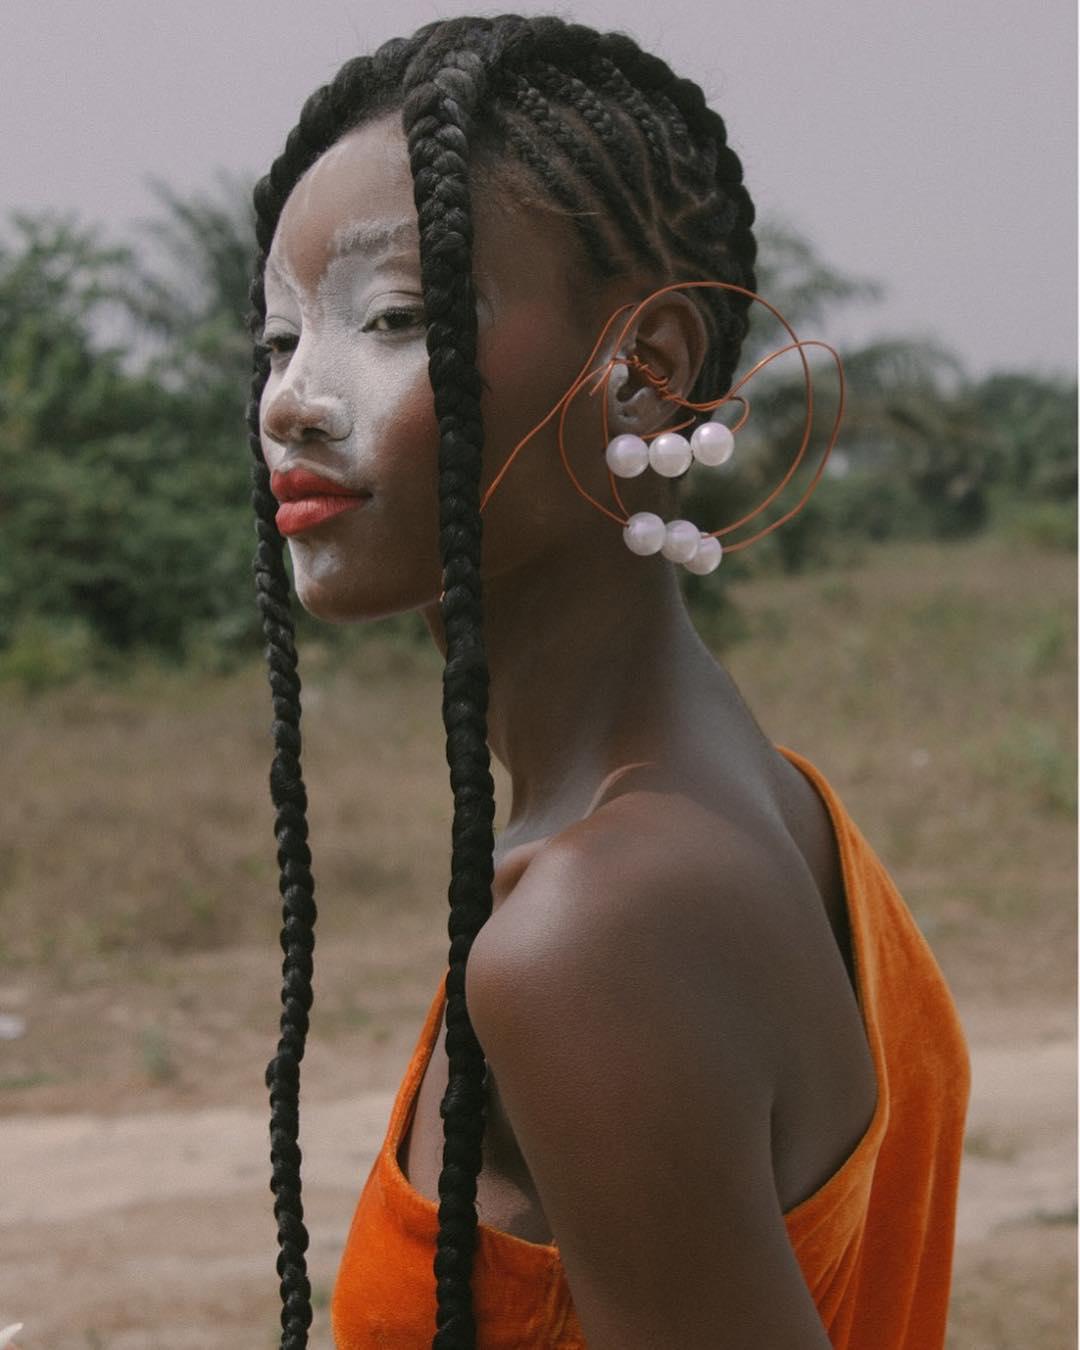 DREAMWEAVER MYSTERIOUS AND FEMININE -